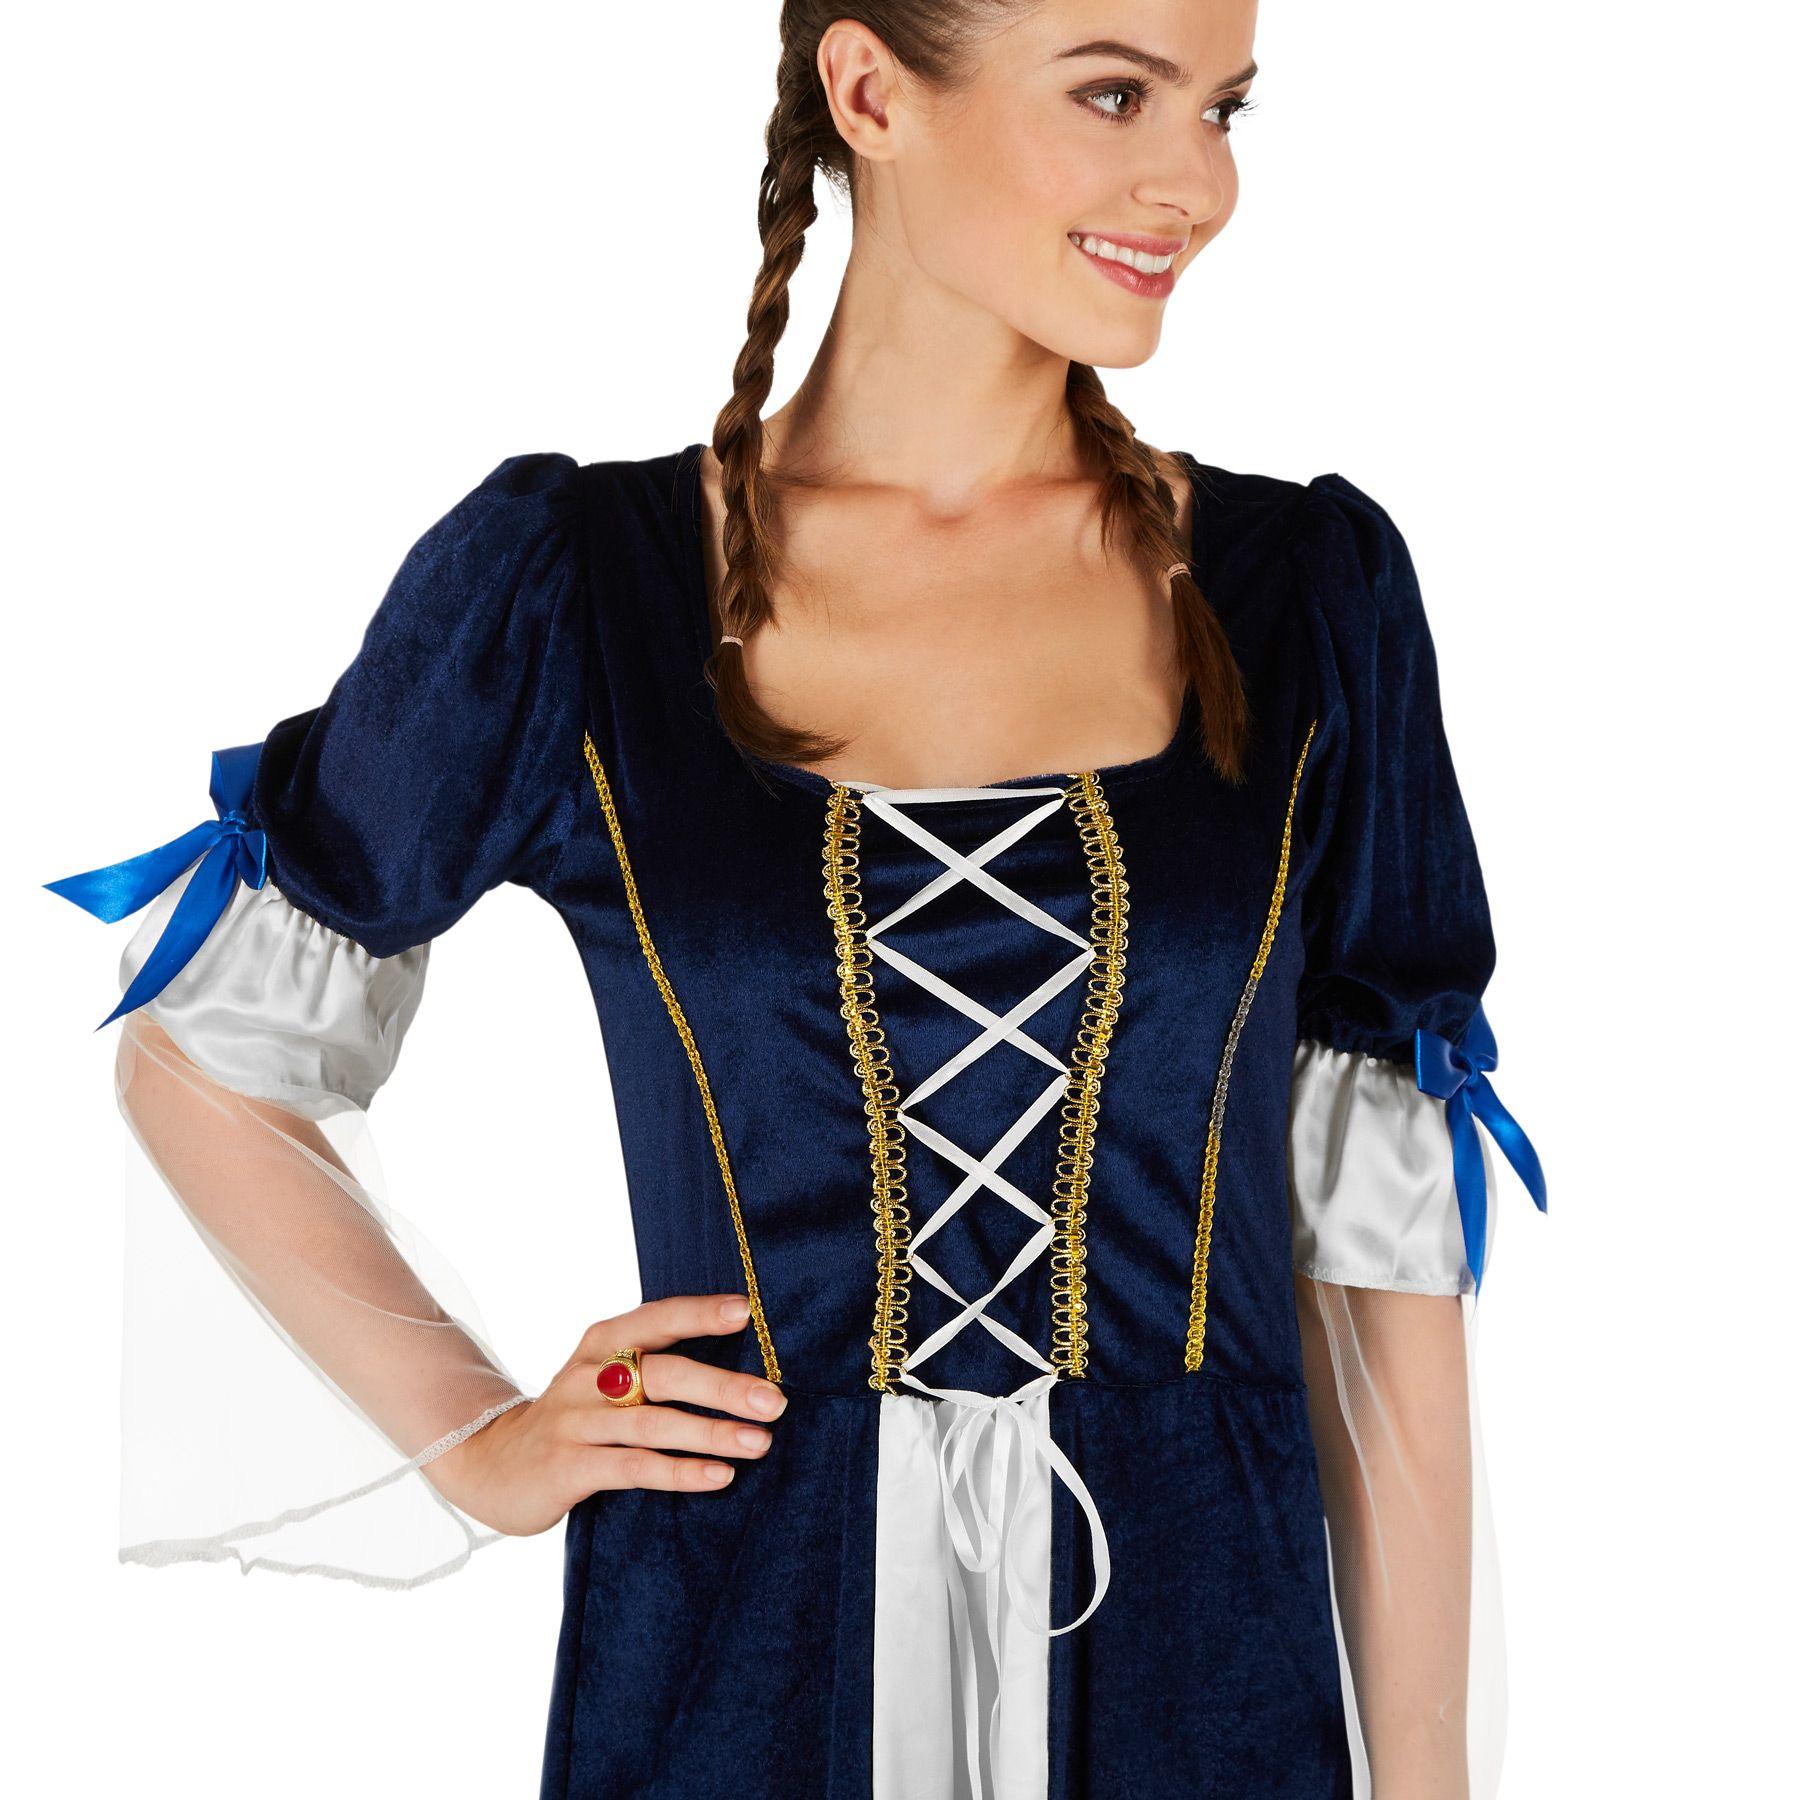 e8e56e61b634 Il costume da donna Figlia del re è costituito da un abito in raso e  velluto panné, materiale: 100% poliestere.